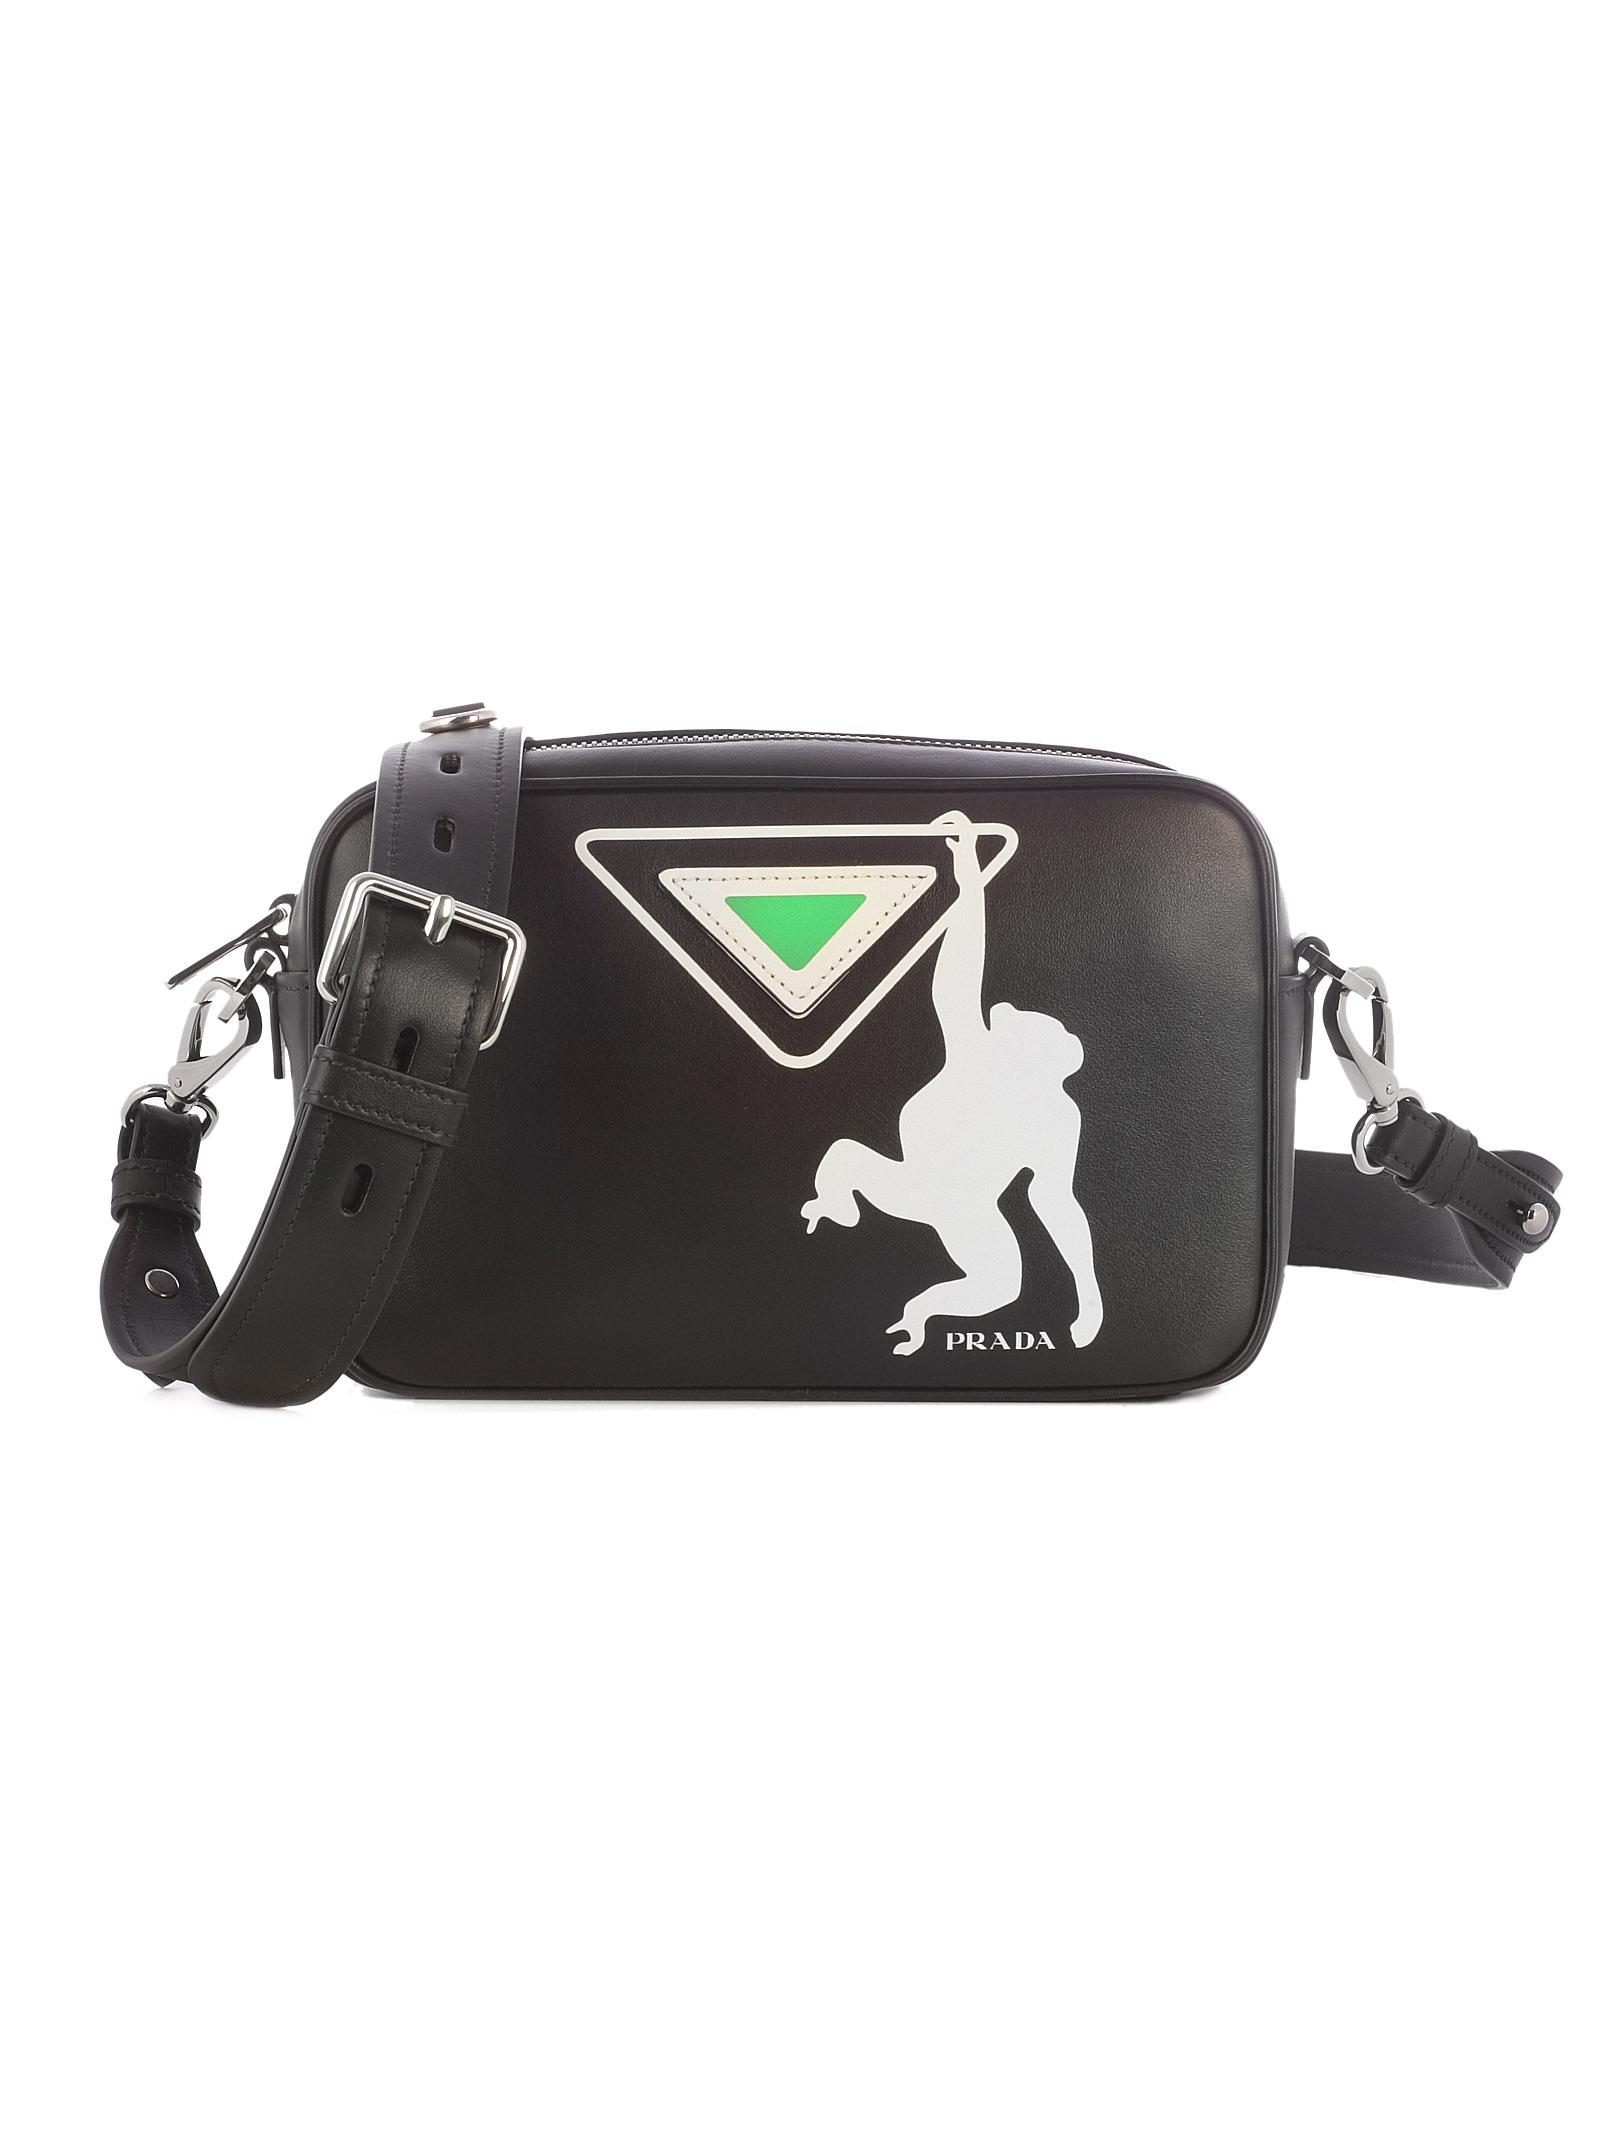 a8a909e257d Prada Monkey Print Leather Bowling Bag In Black Multi Modesens